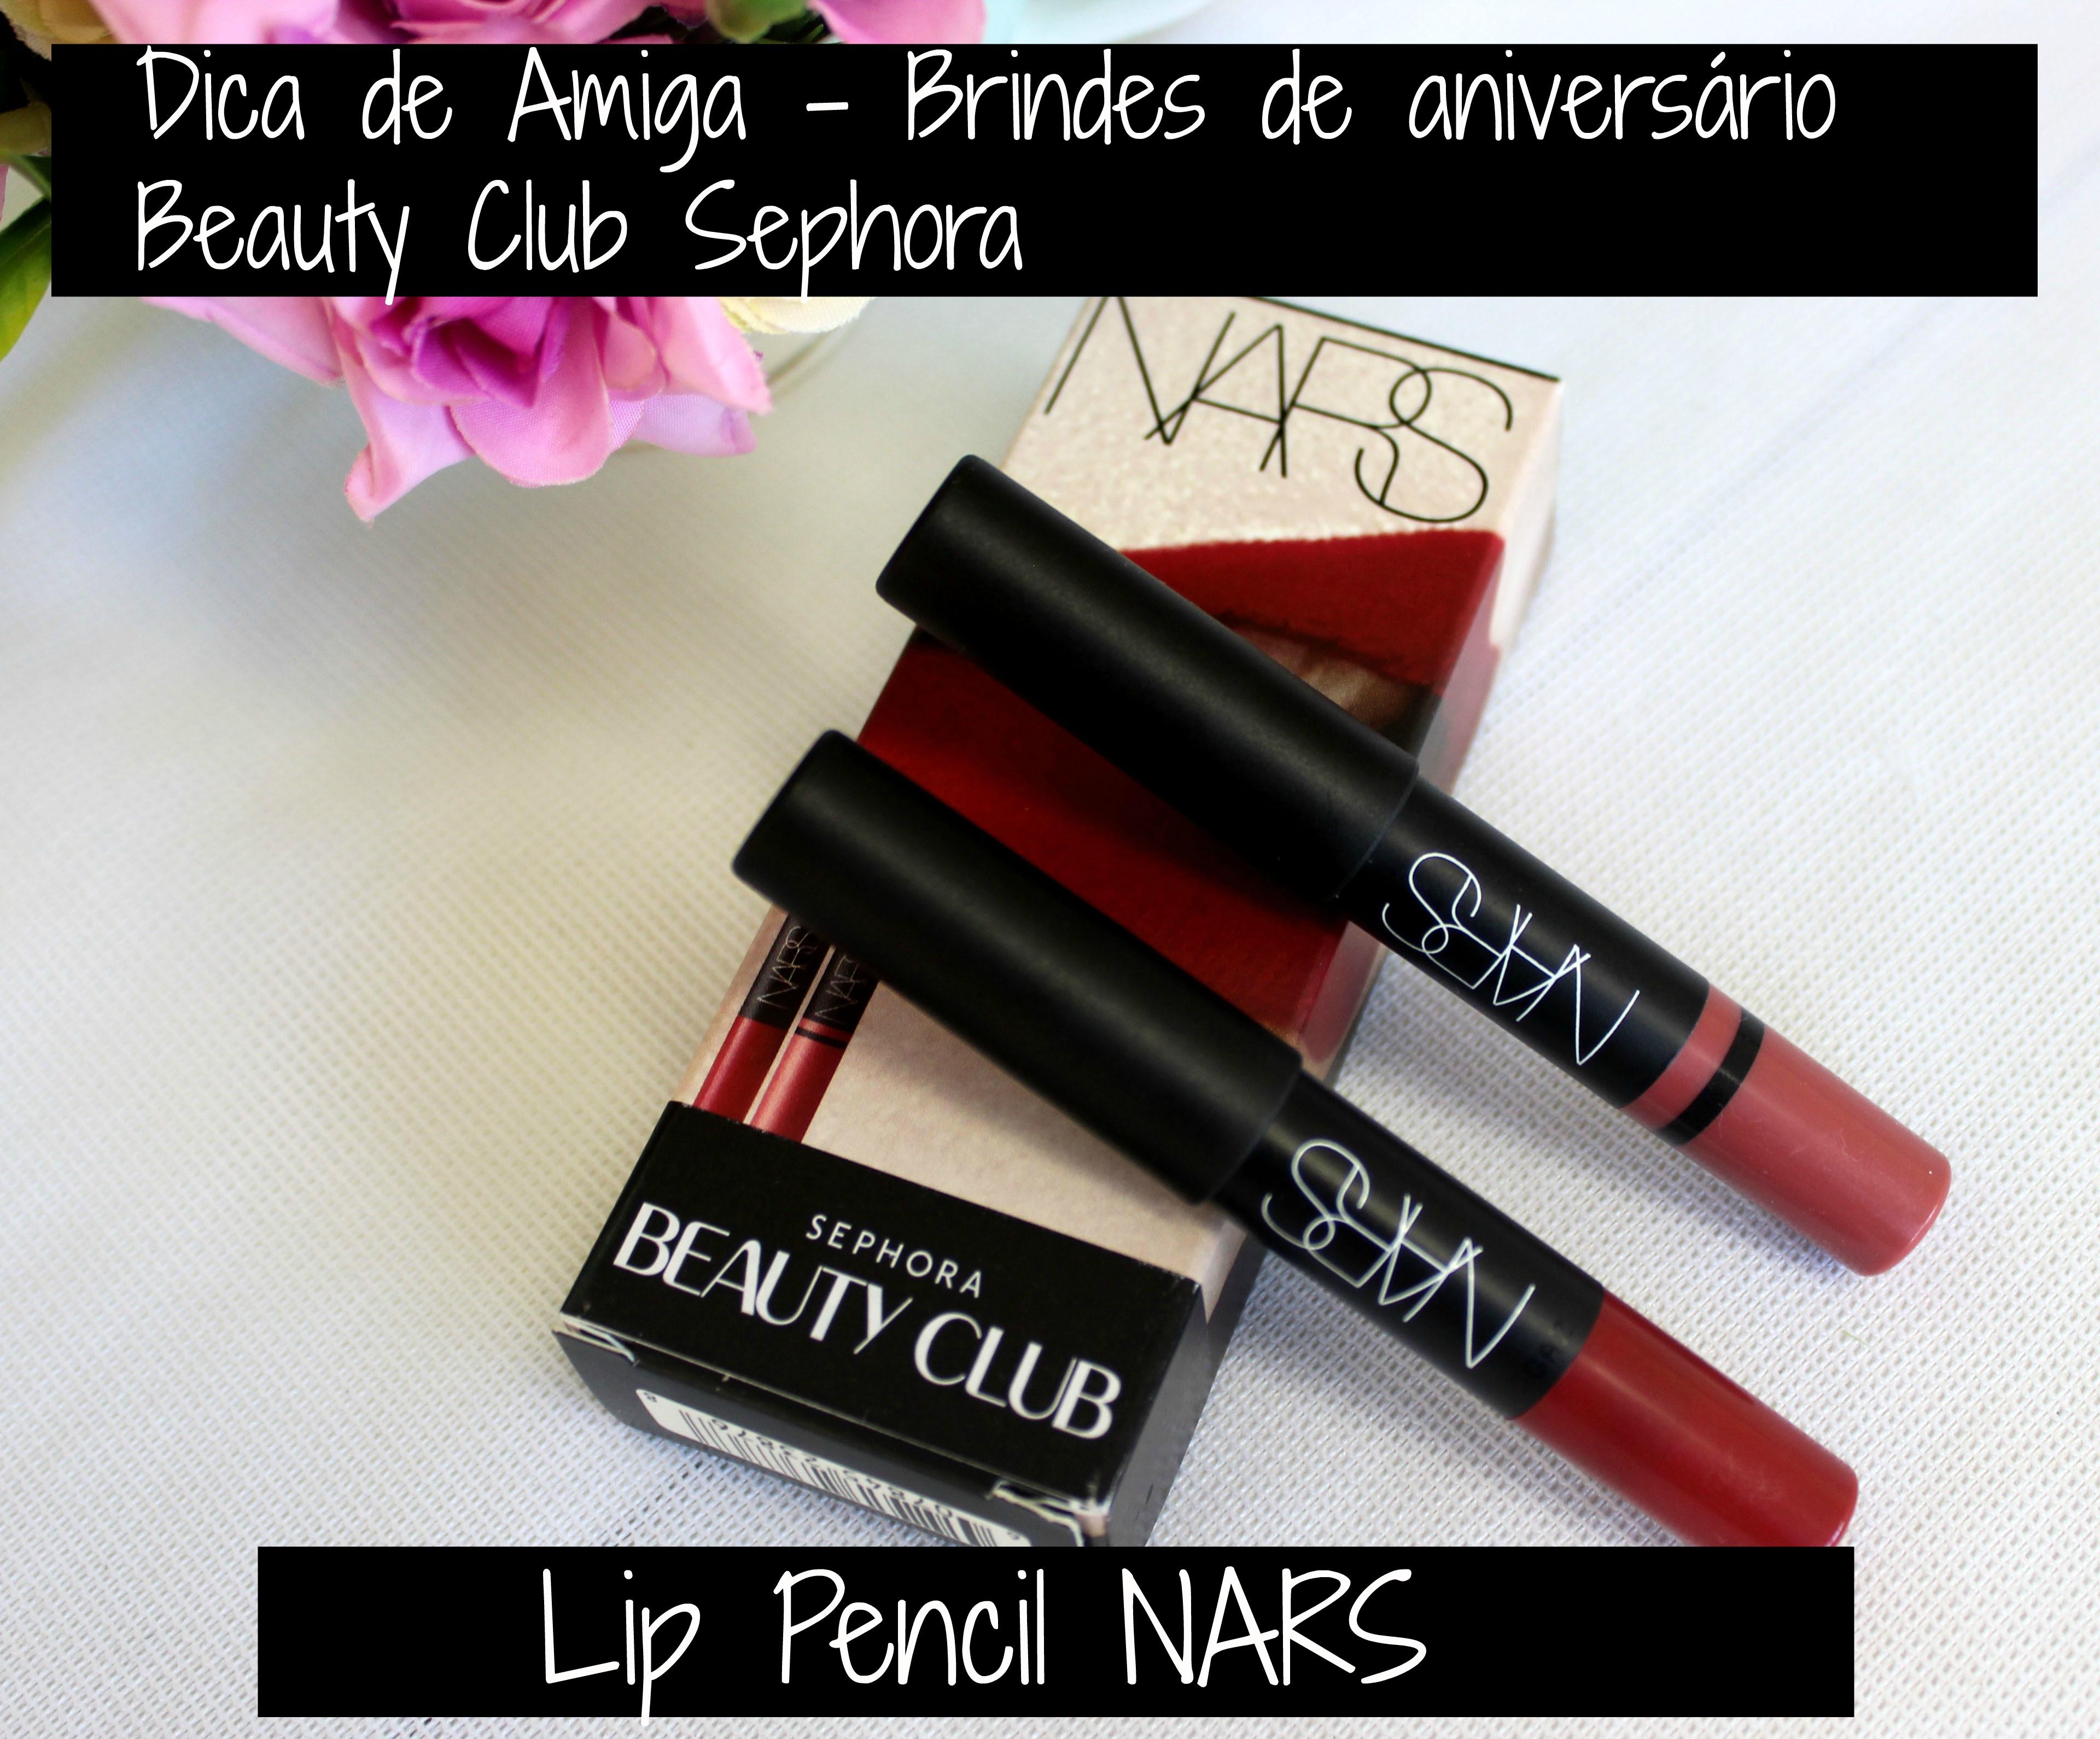 Dica de Amiga - Brindes de aniversário Sephora Beauty Club | Lip pencil NARS